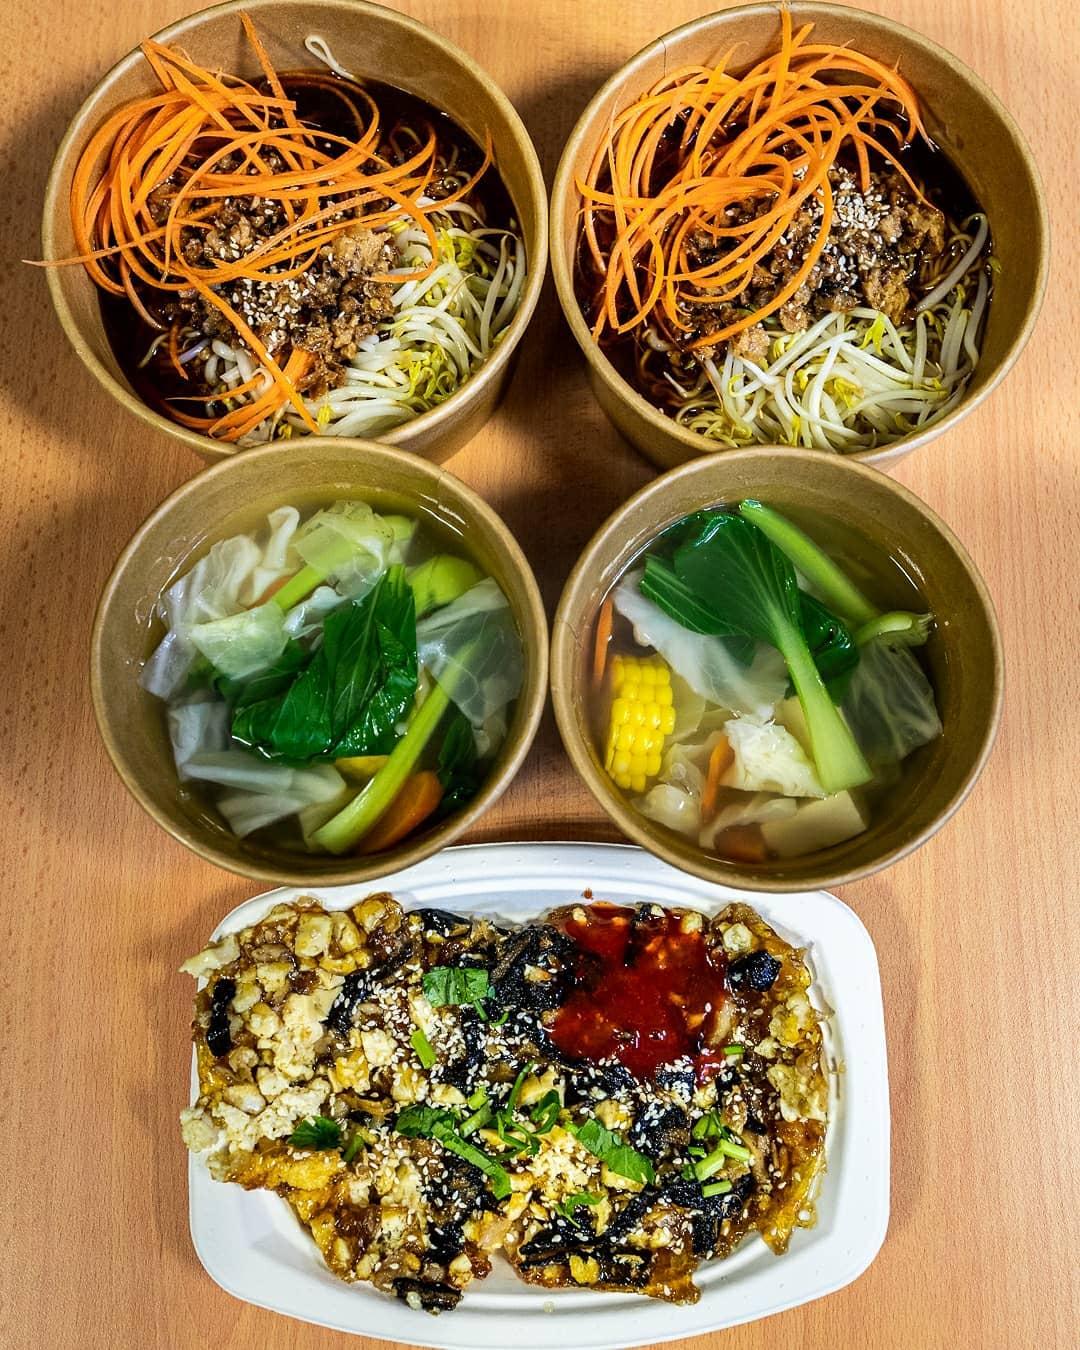 vegetarian food delivery - vege pot